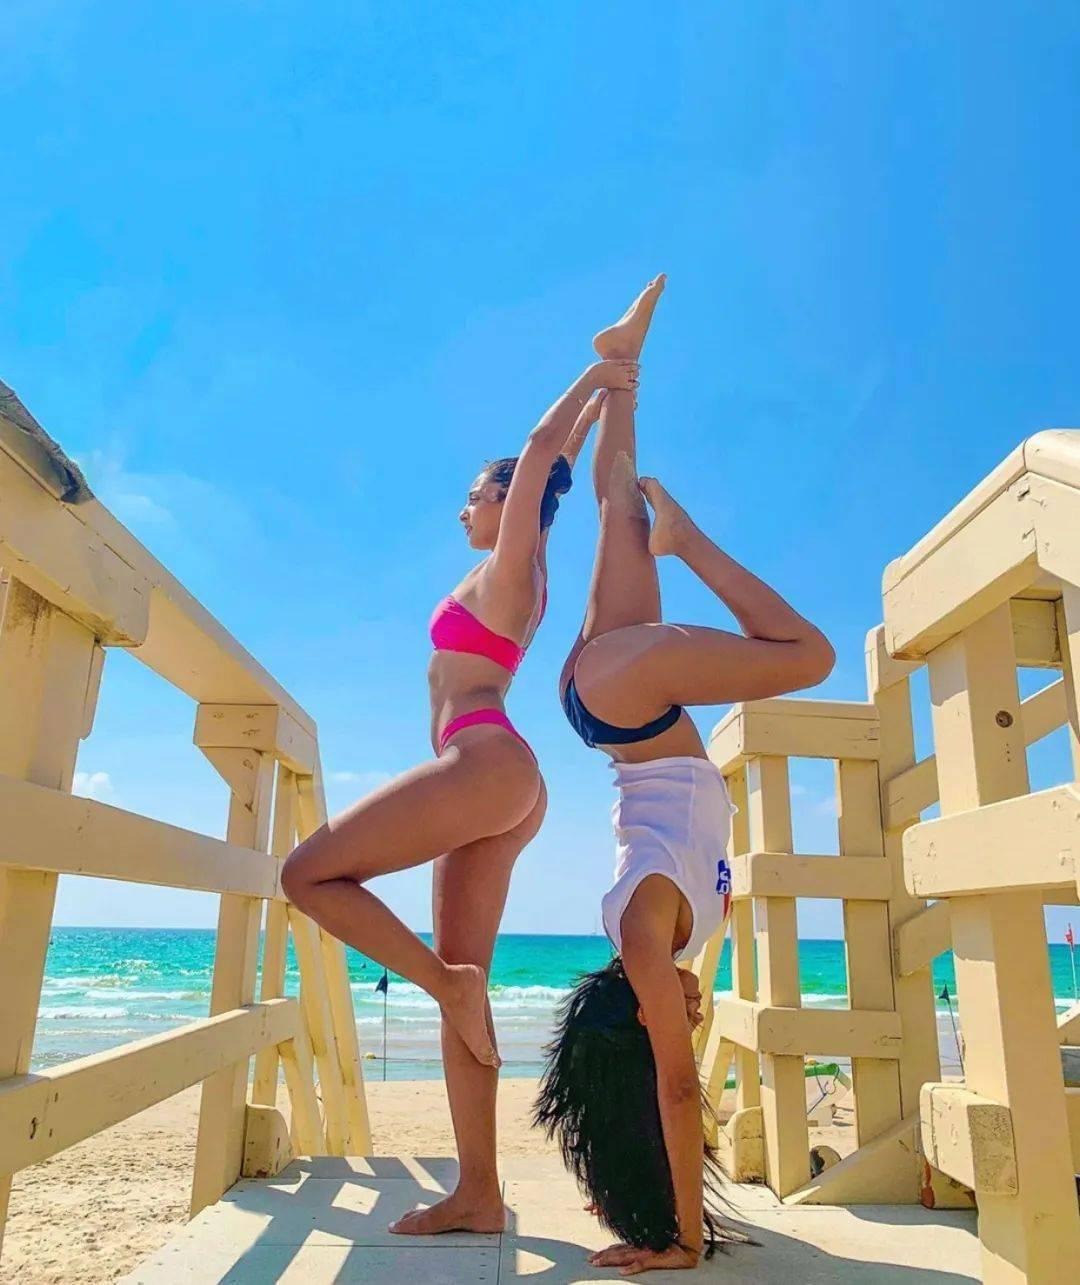 不知道双人瑜伽照怎么拍?收藏这篇文章就够啦! 减肥窍门 第12张